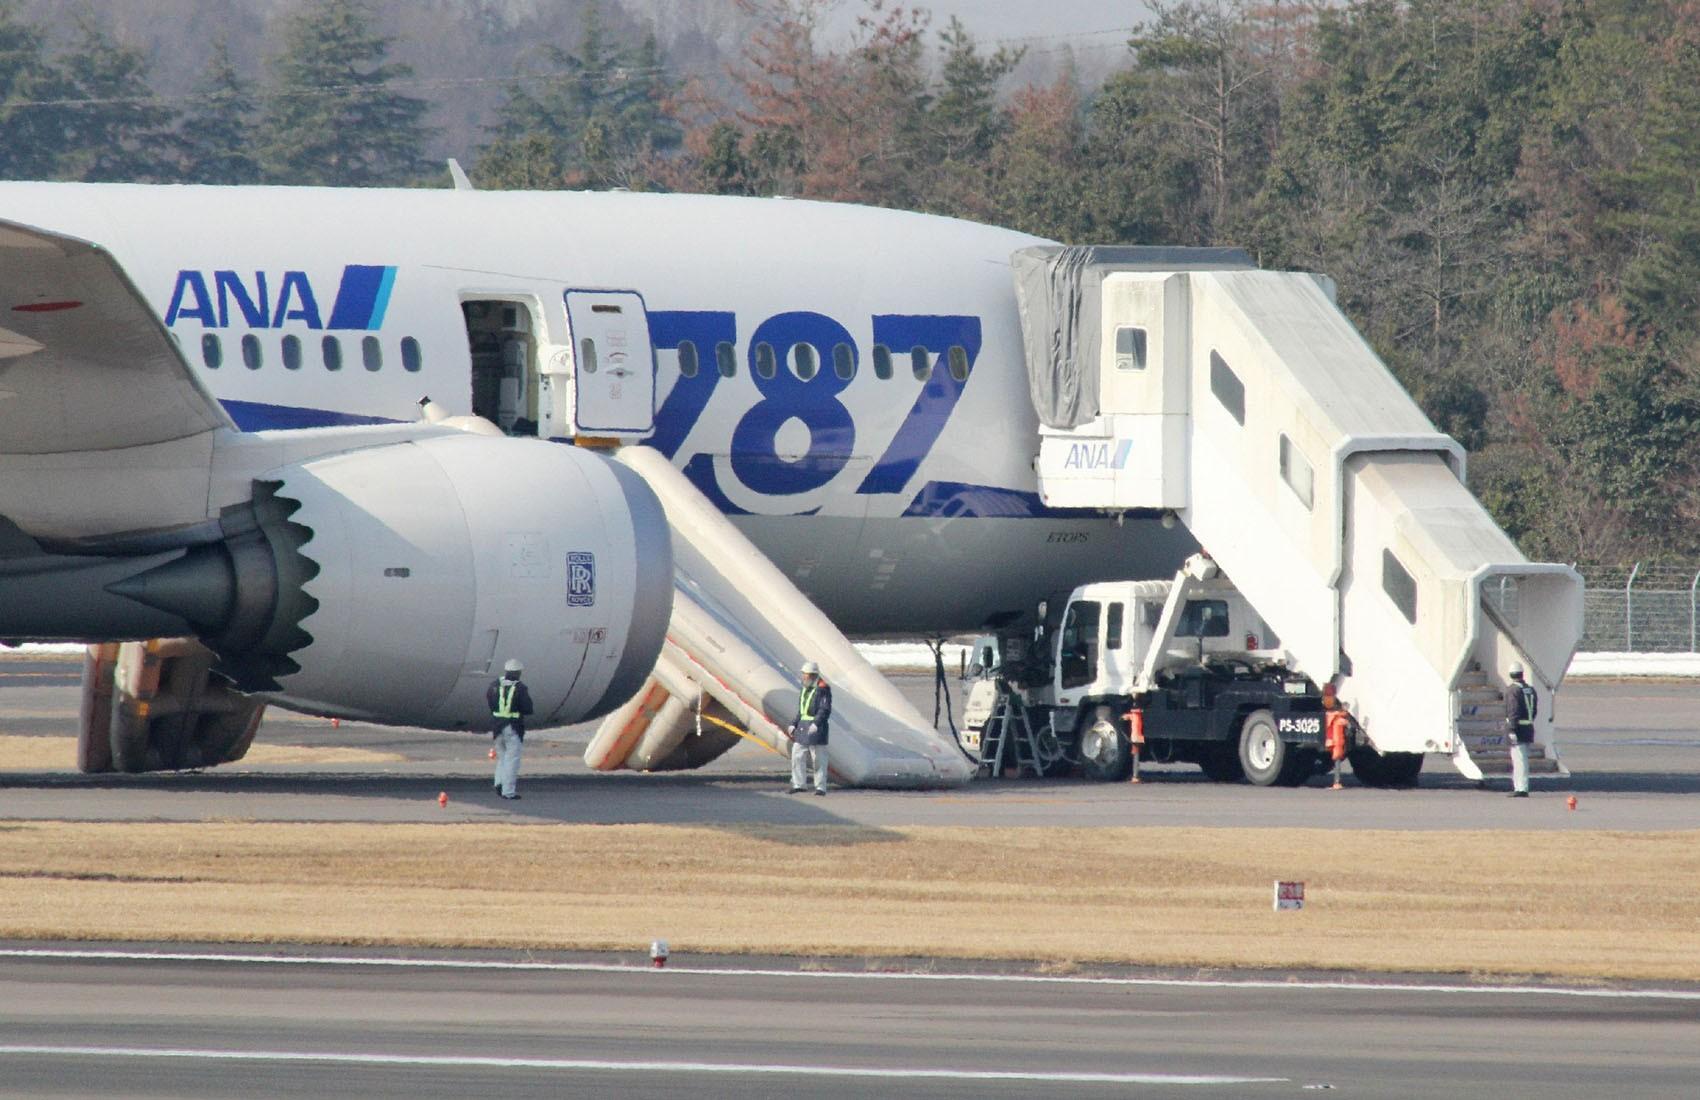 Um problema em uma bateria provocou nesta quarta-feira (16) um pouso de emergência de um Boeing 787 Dreamliner da All Nippon Airways (ANA) no Japão. (Foto: Jiji Press/AFP)